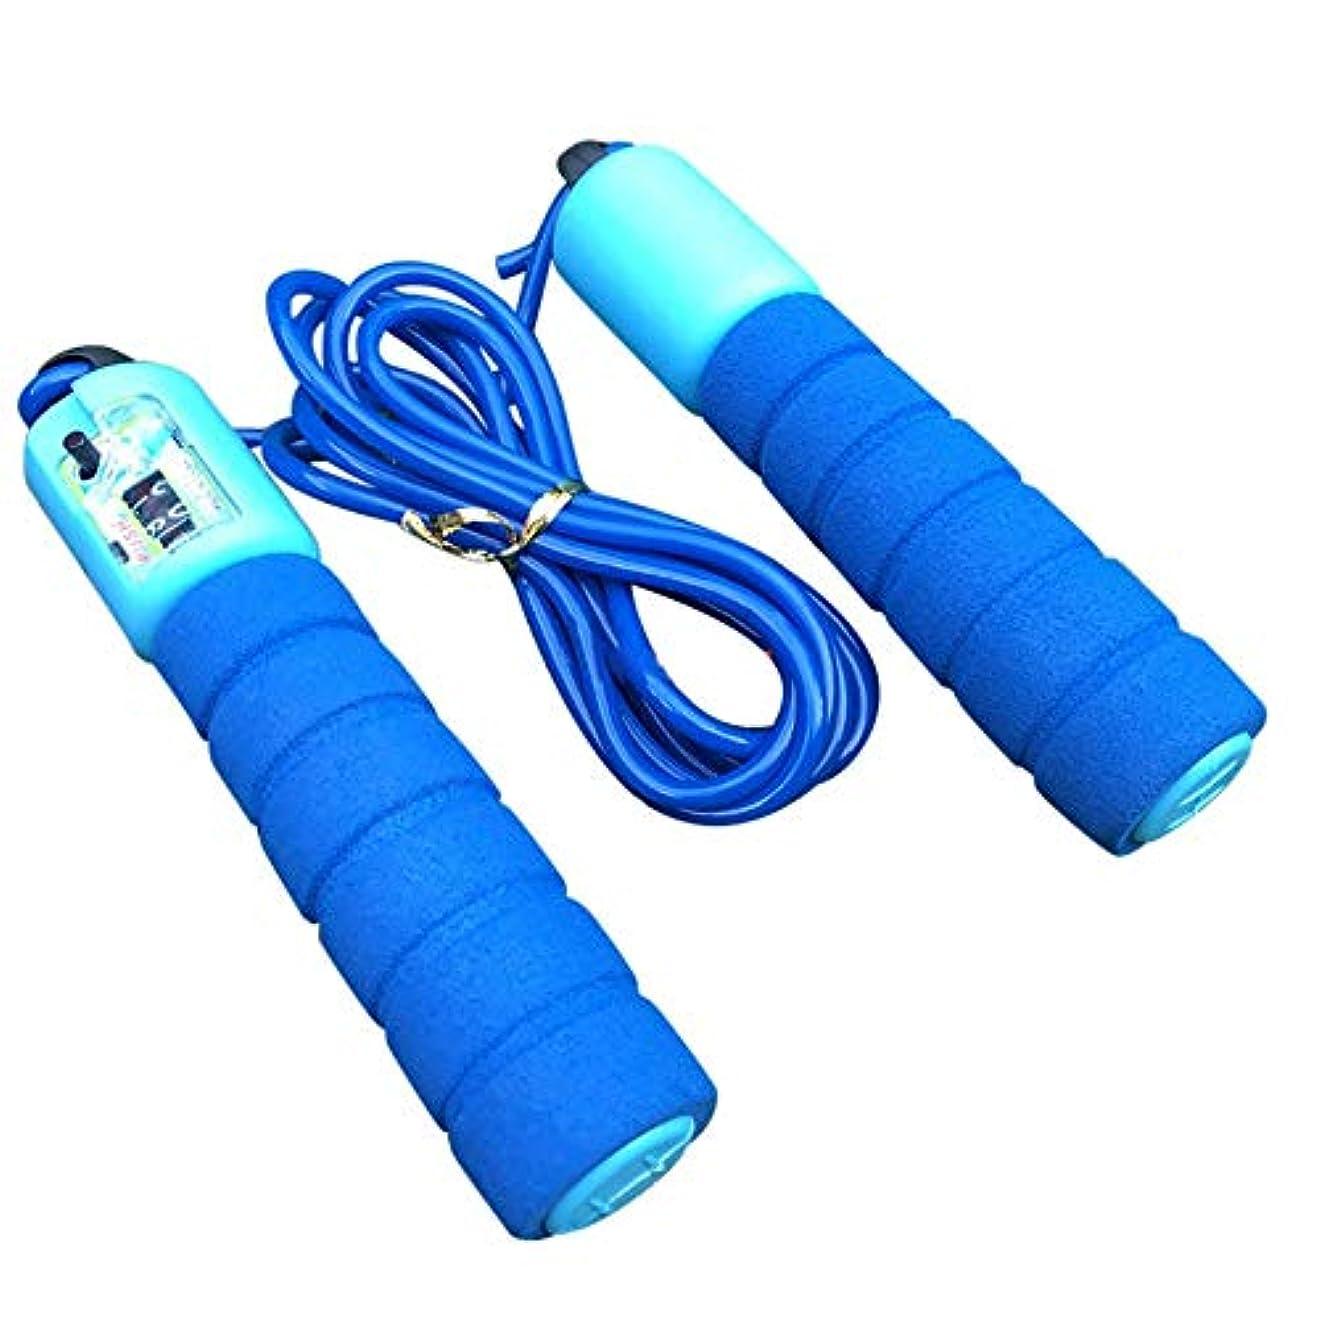 群れスリラー手のひら調整可能なプロフェッショナルカウント縄跳び自動カウントジャンプロープフィットネス運動高速カウントジャンプロープ - 青